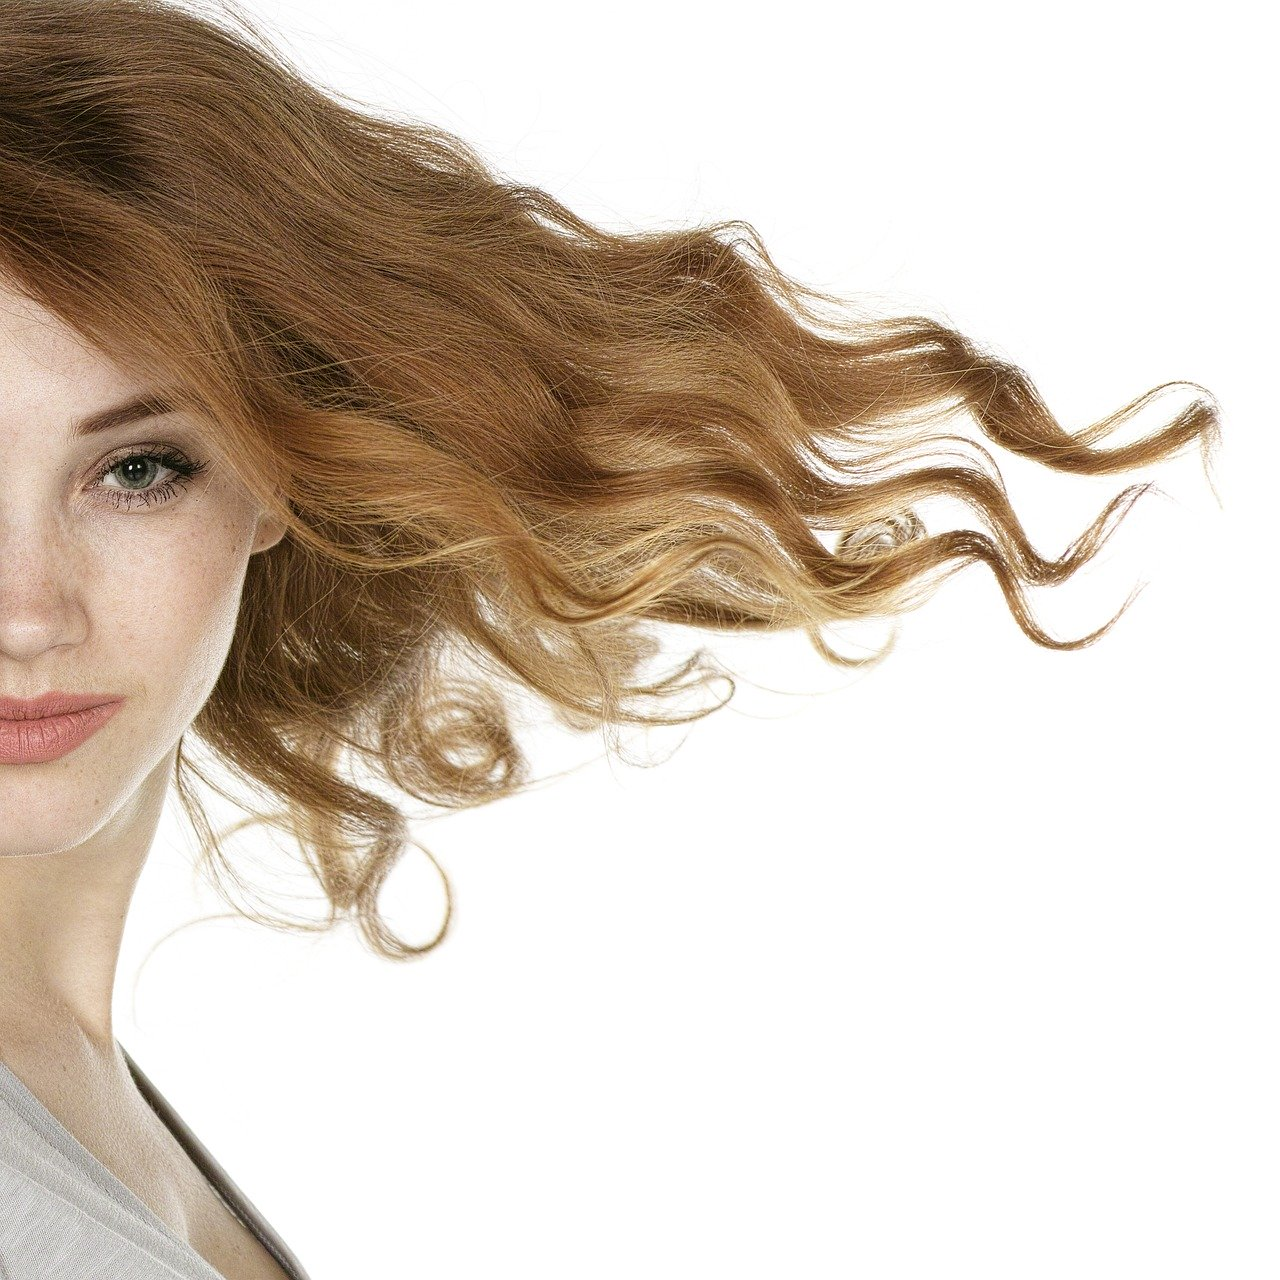 Sztuczne włosy to dobry sposób w przypadku łysienia